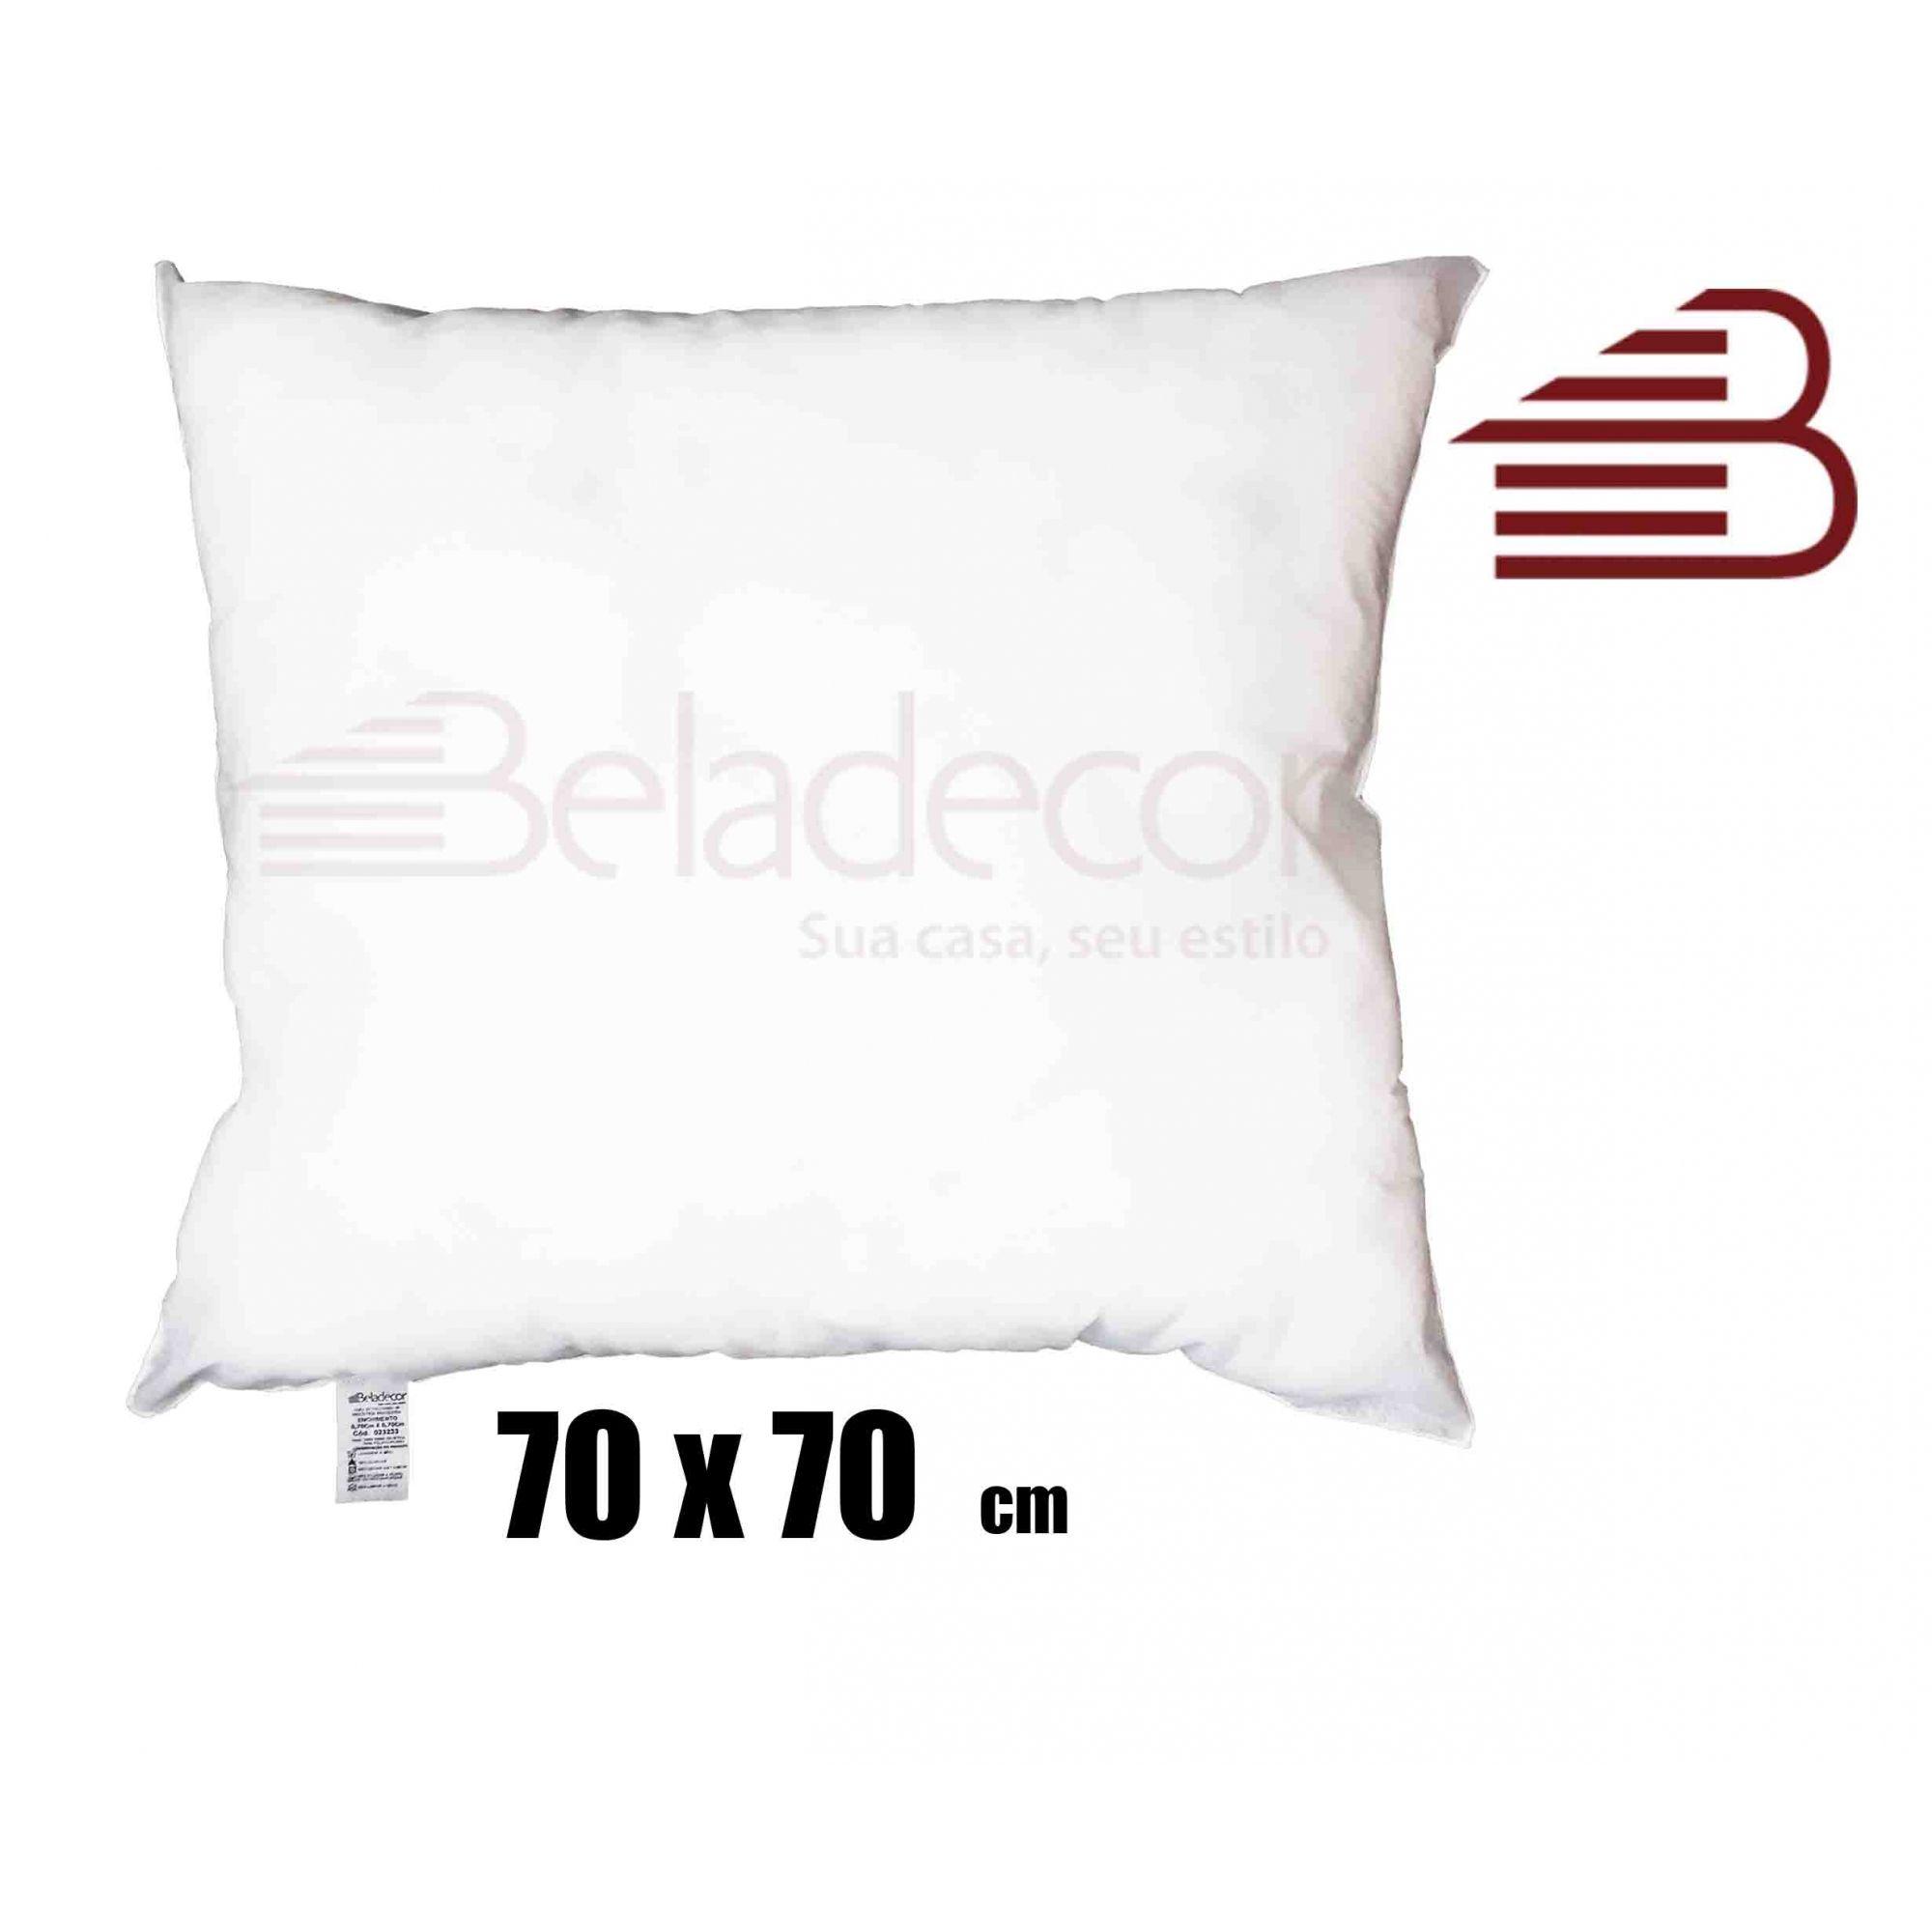 ENCHIMENTO DE ALMOFADA BELADECOR 70CM X 70CM